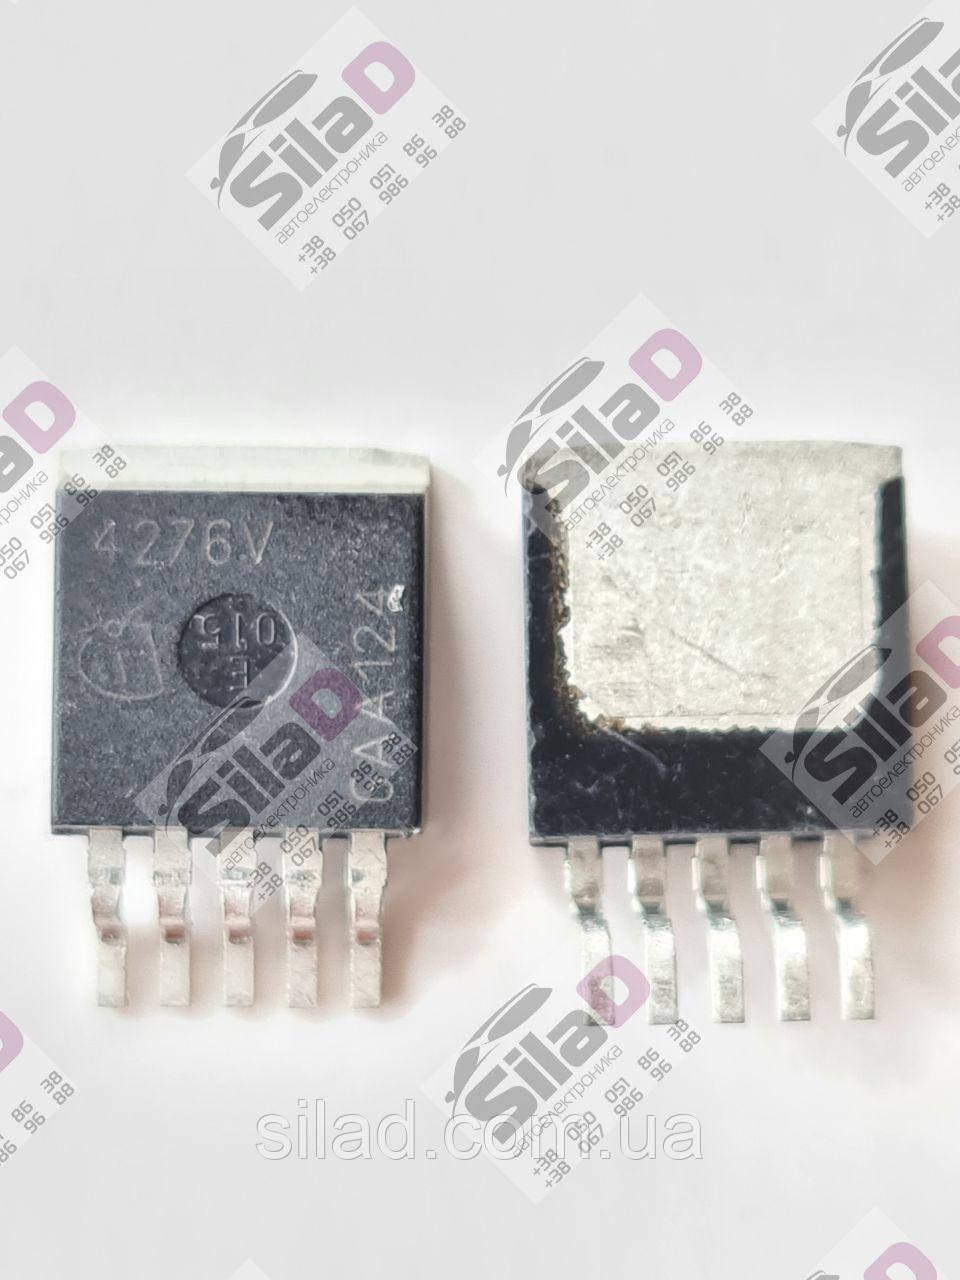 Стабилизатор TLE 4276GV Infineon (4276V) корпус TO263-5